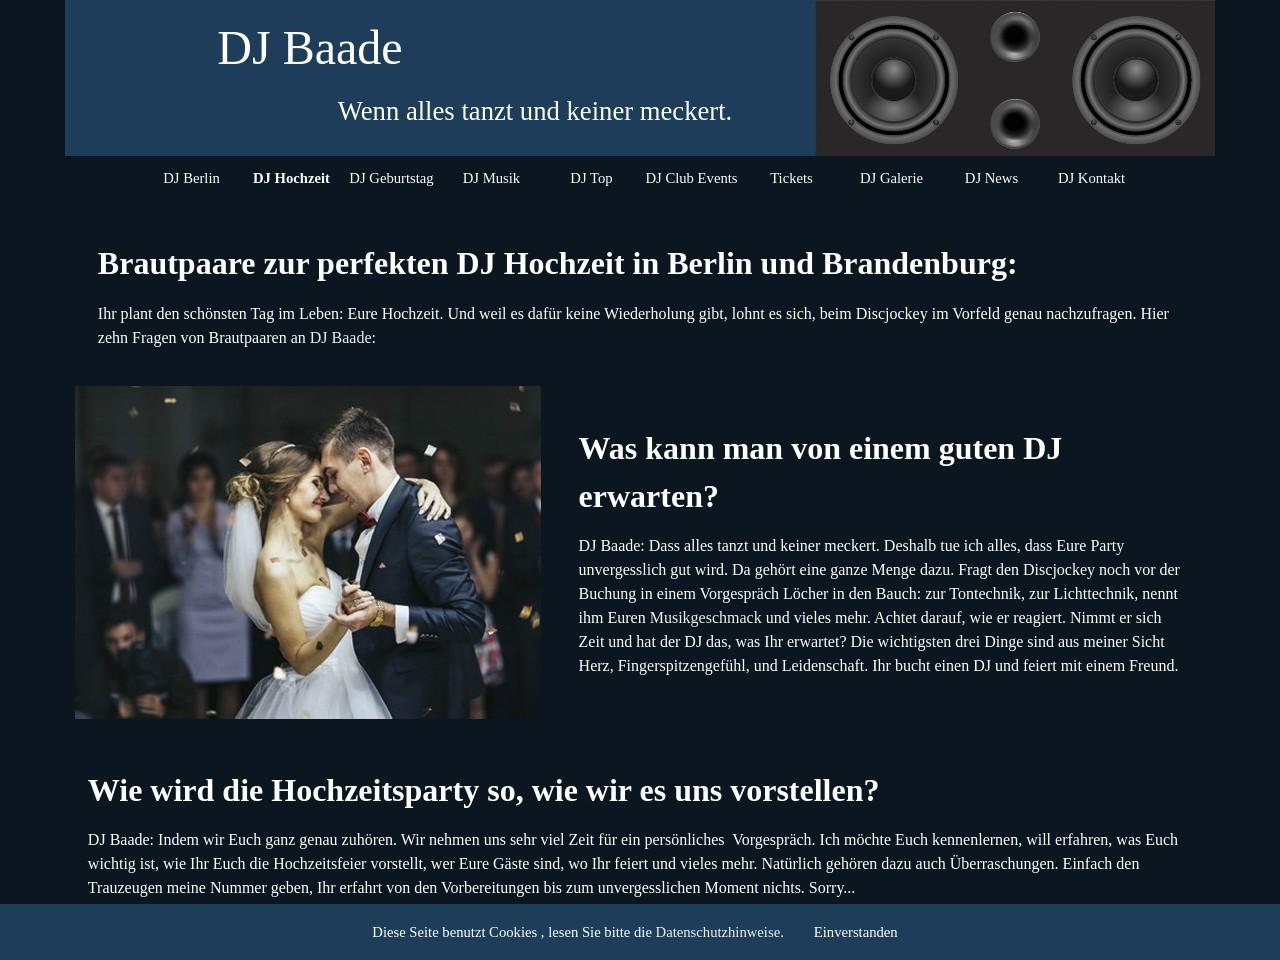 DJ Baade